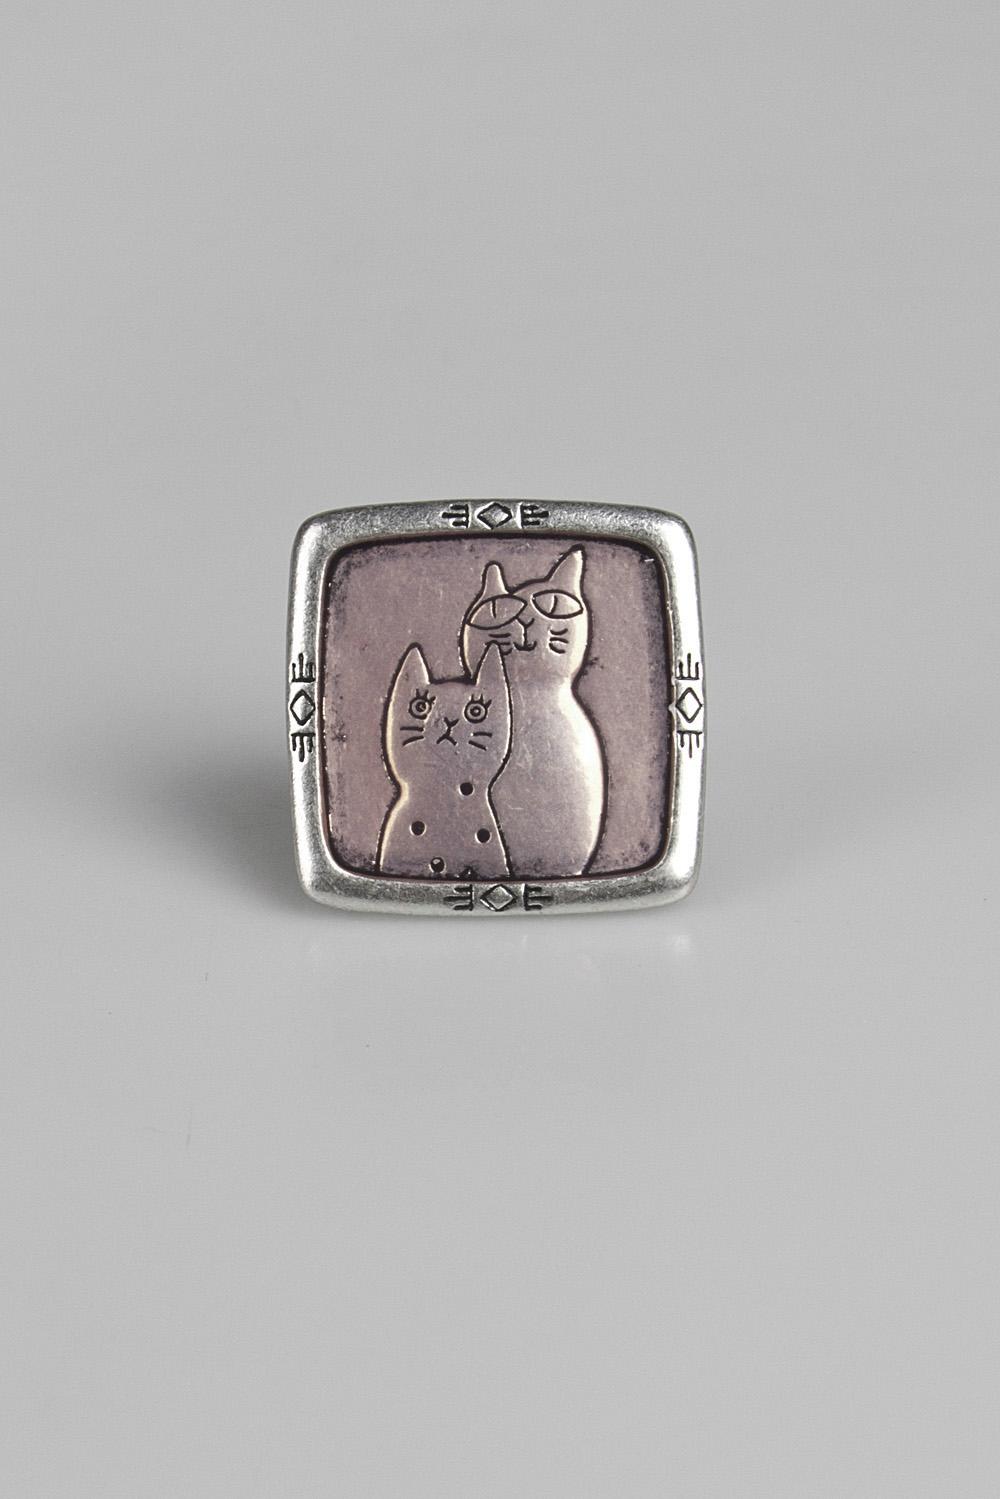 Кольцо КотыМеталл: гиппоаллергенный бижутерный сплав металлов, не содержащий никеля. Размер кольца регулируется.<br>